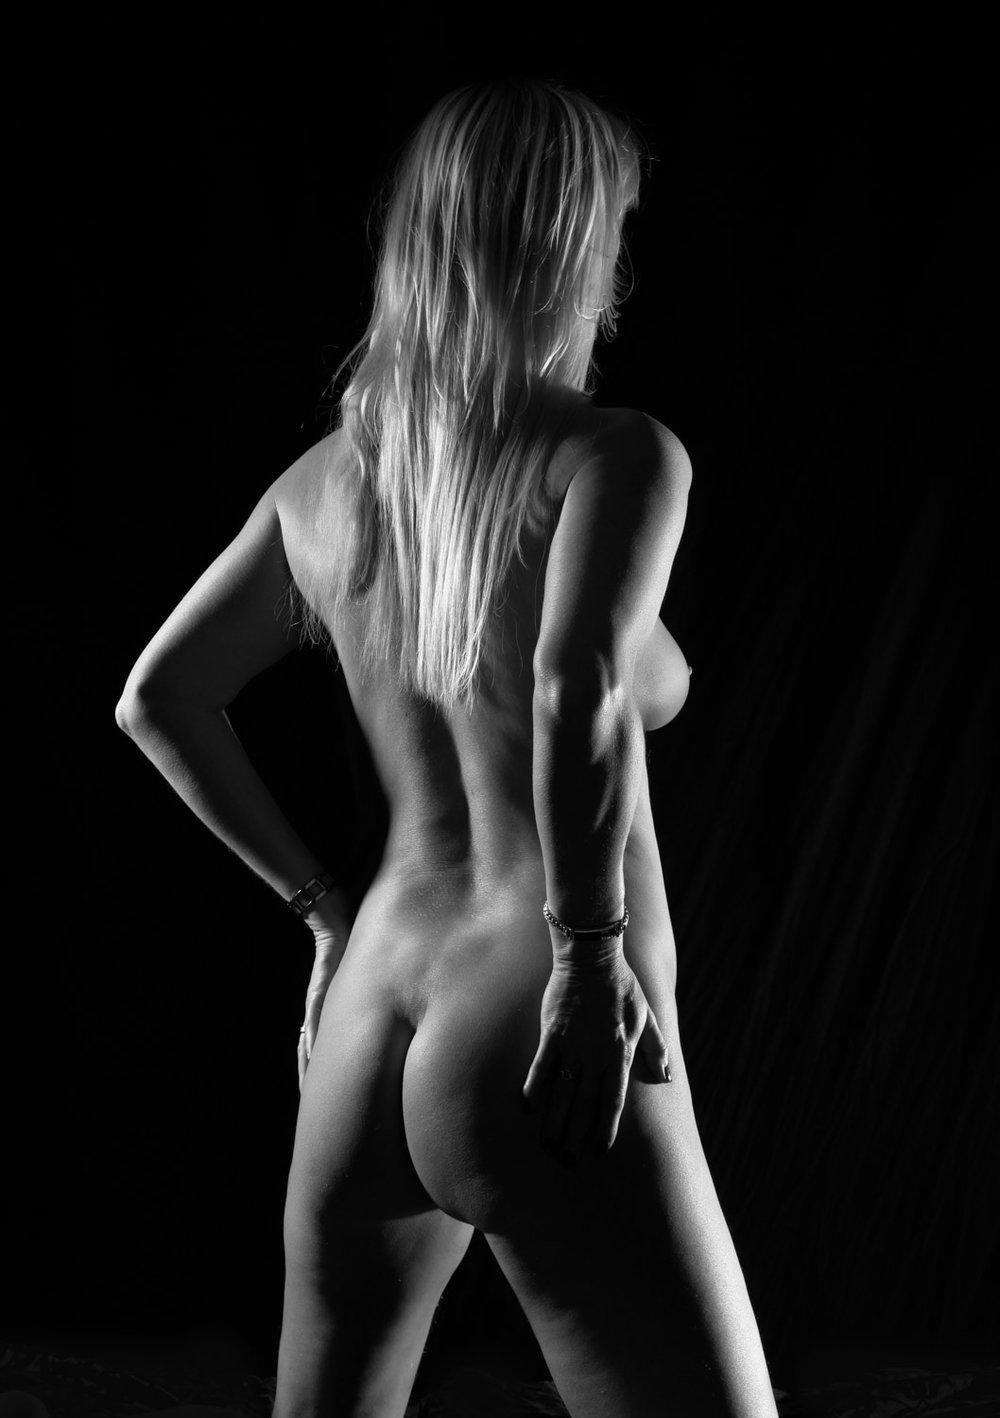 Smartfocus-stijllvolle-naakt-en-erotische-fotografie.jpg